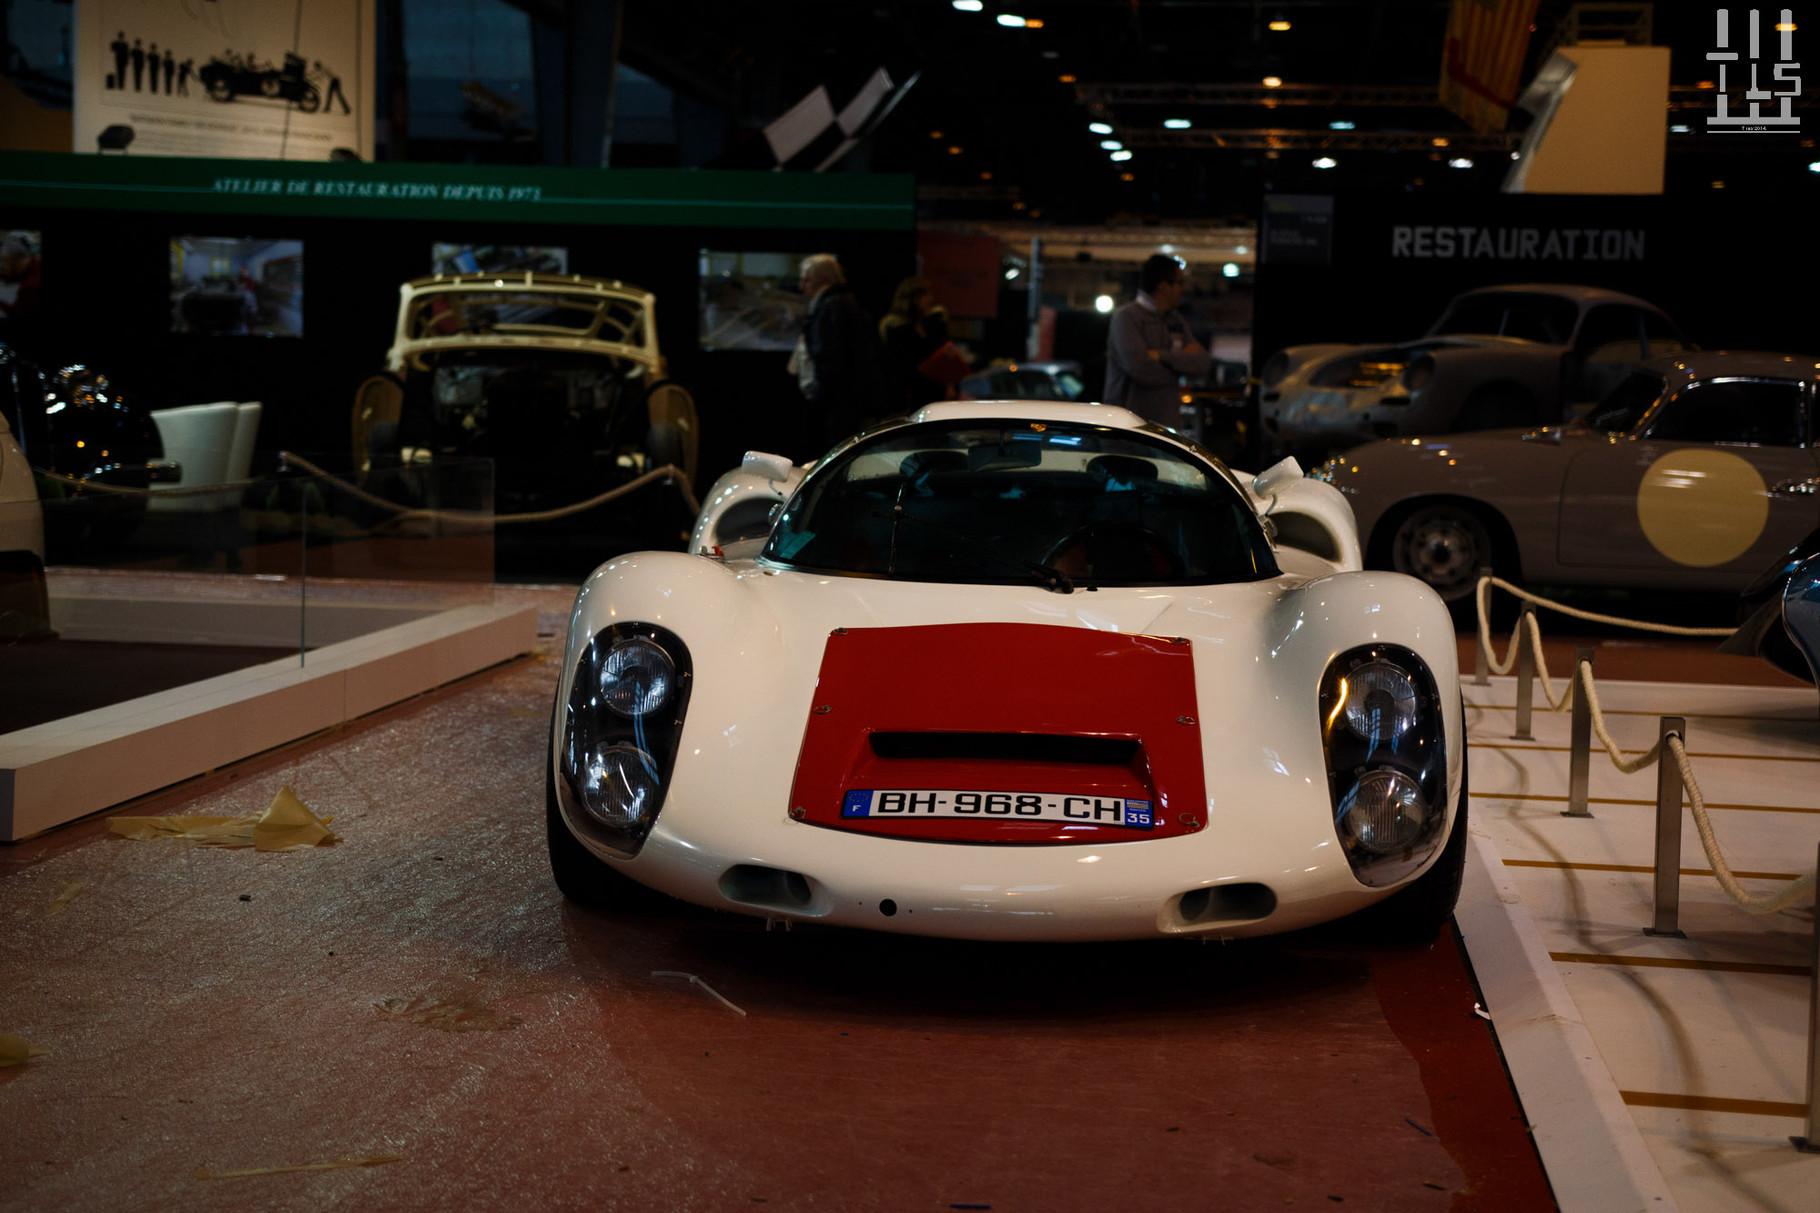 Cette Porsche 910 me semble légèrement douteuse. Qu'en pensez-vous ?